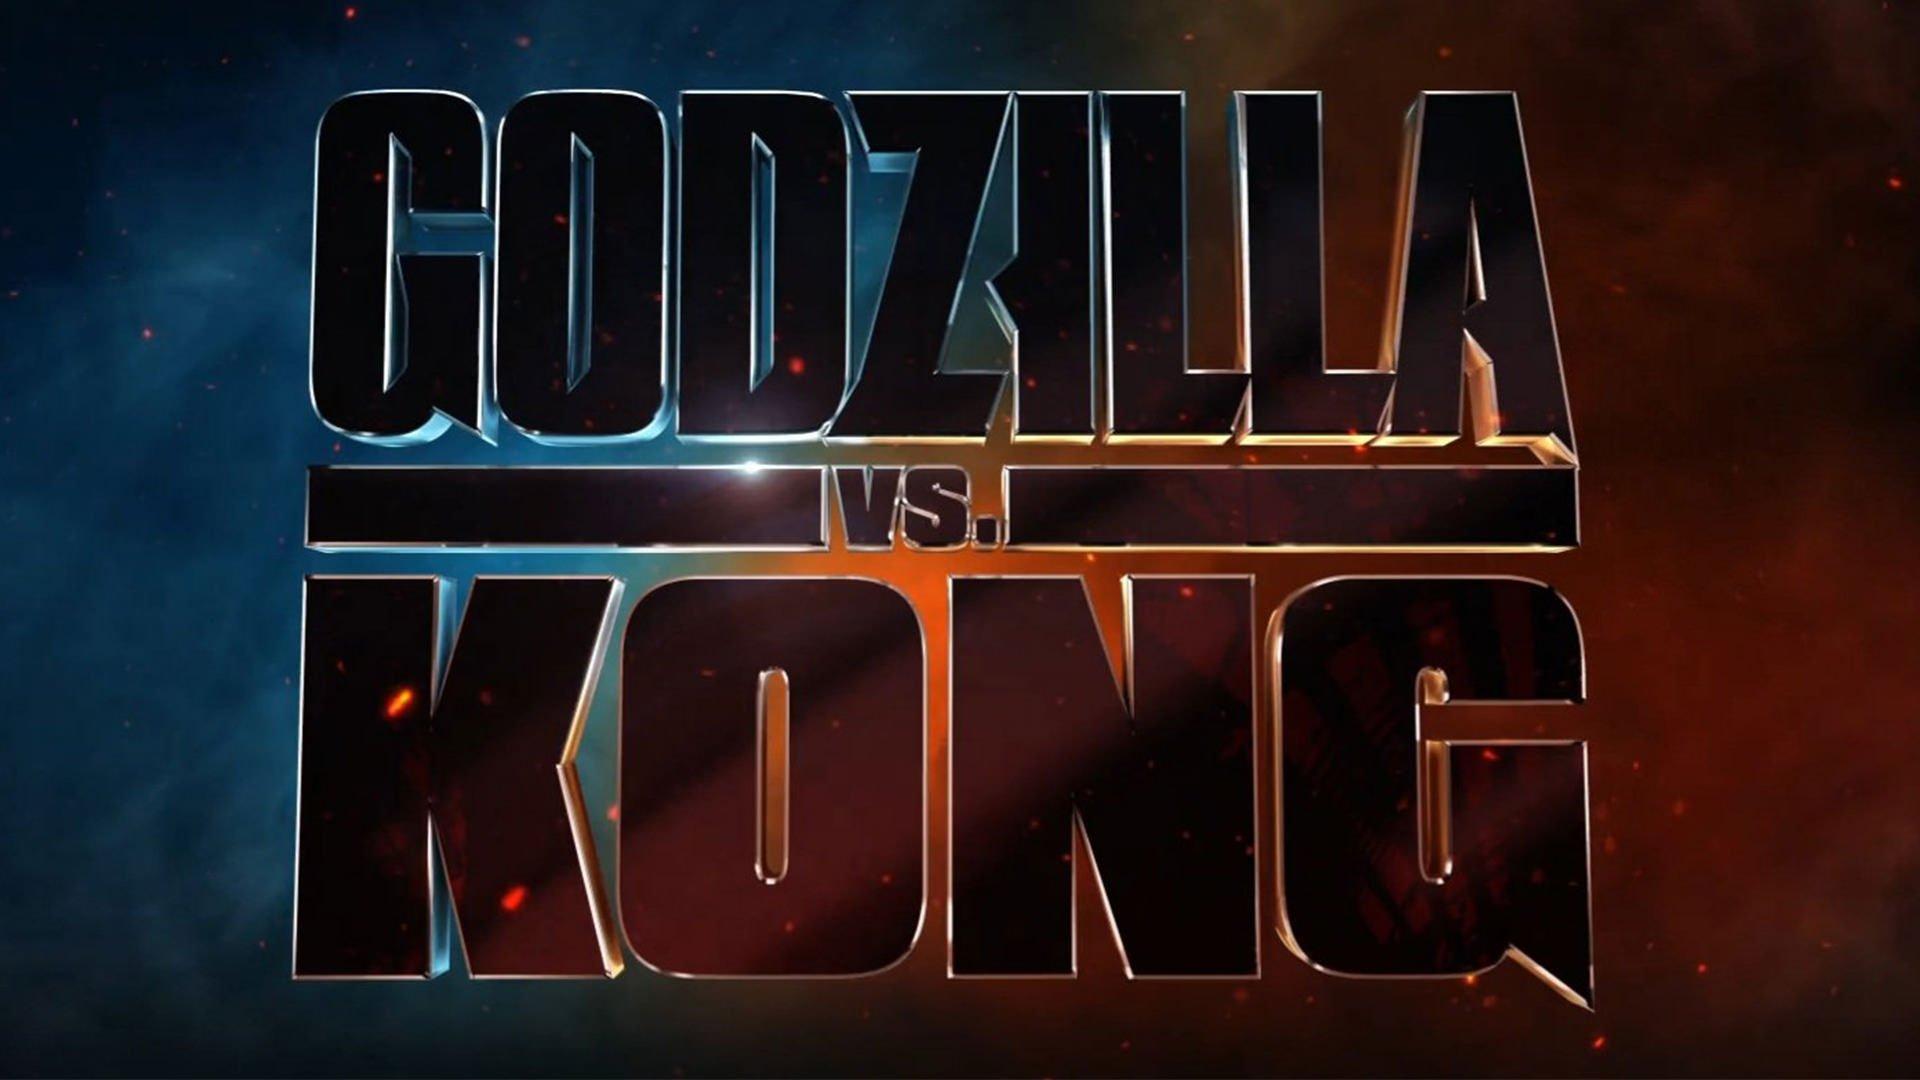 پنج روز تاخیر در تاریخ پخش فیلم Godzilla vs. Kong